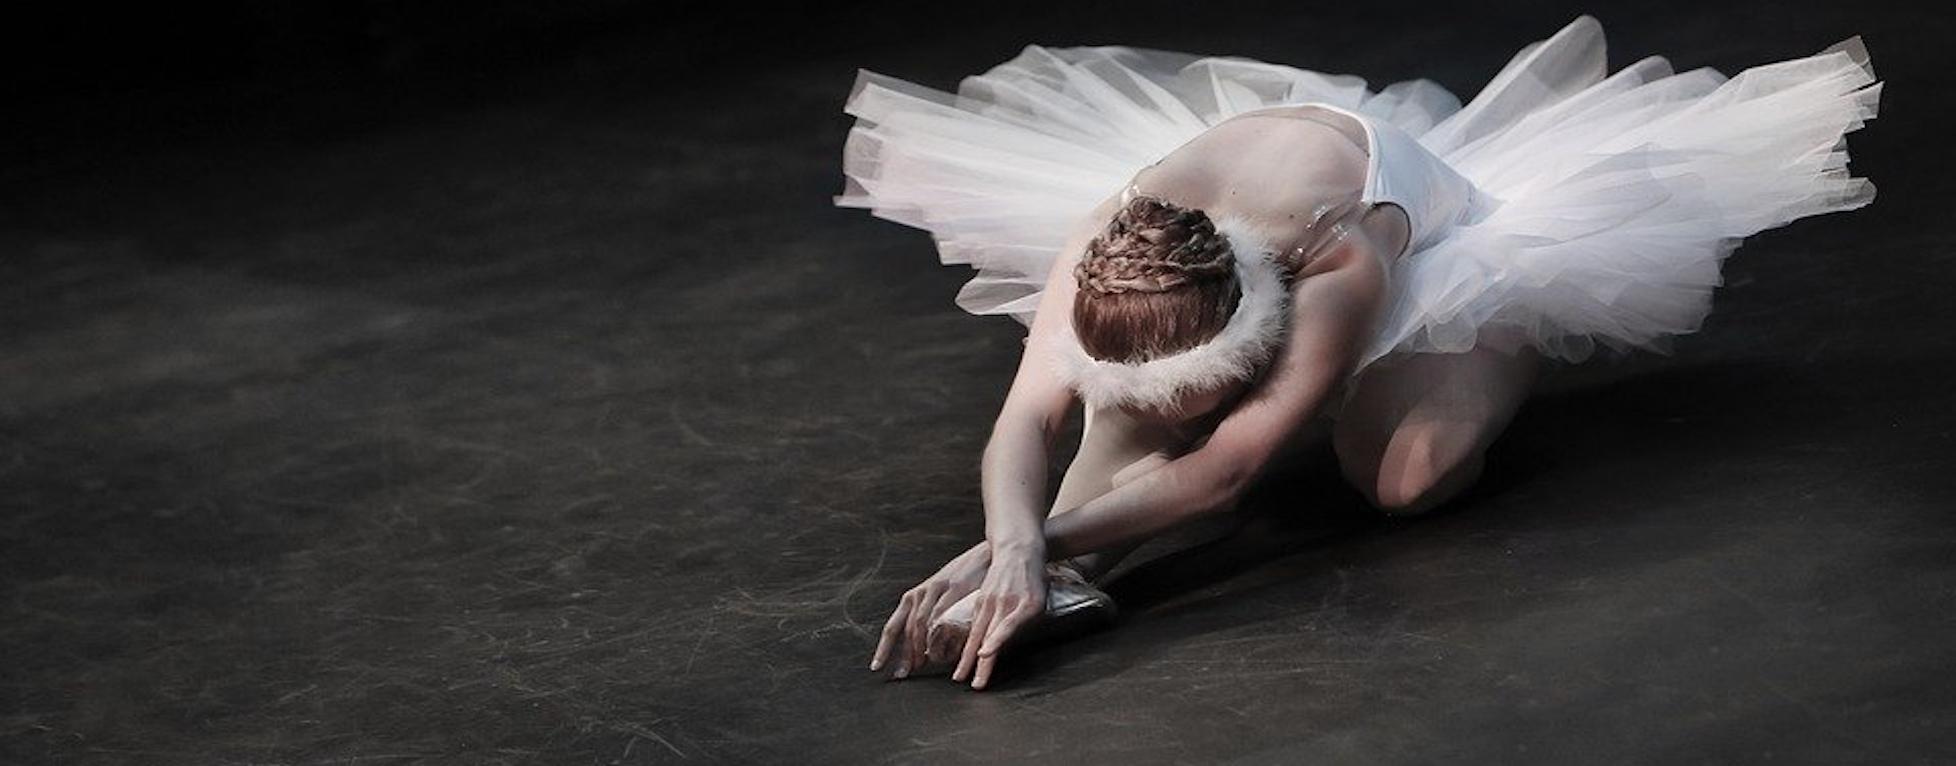 Discrimination La Danseuse Gaela Pujol Licenciee Du Ballet De Nice Gagne Son Proces Radio Classique